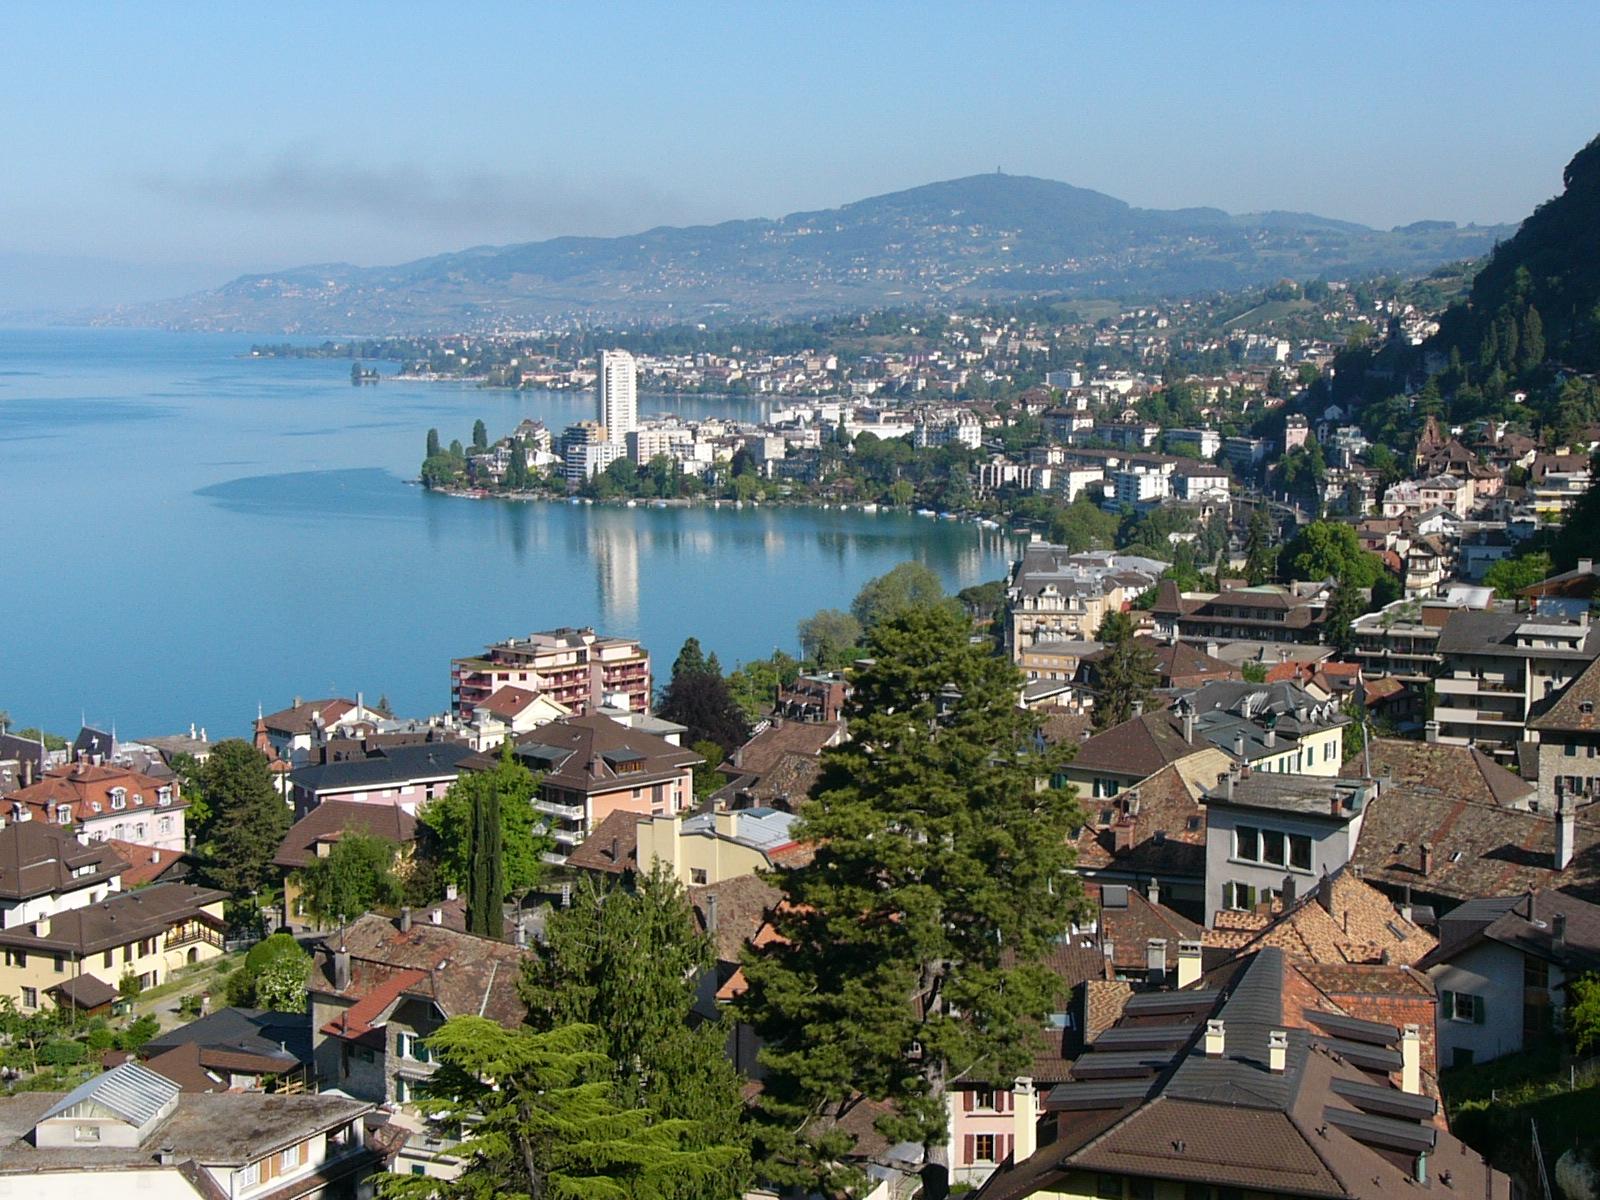 フェアモント・ル・モントルー・パレス Fairmont Le Montreux Palace|モントルー・ヴォー州・スイスの5つ星高級リゾートホテル